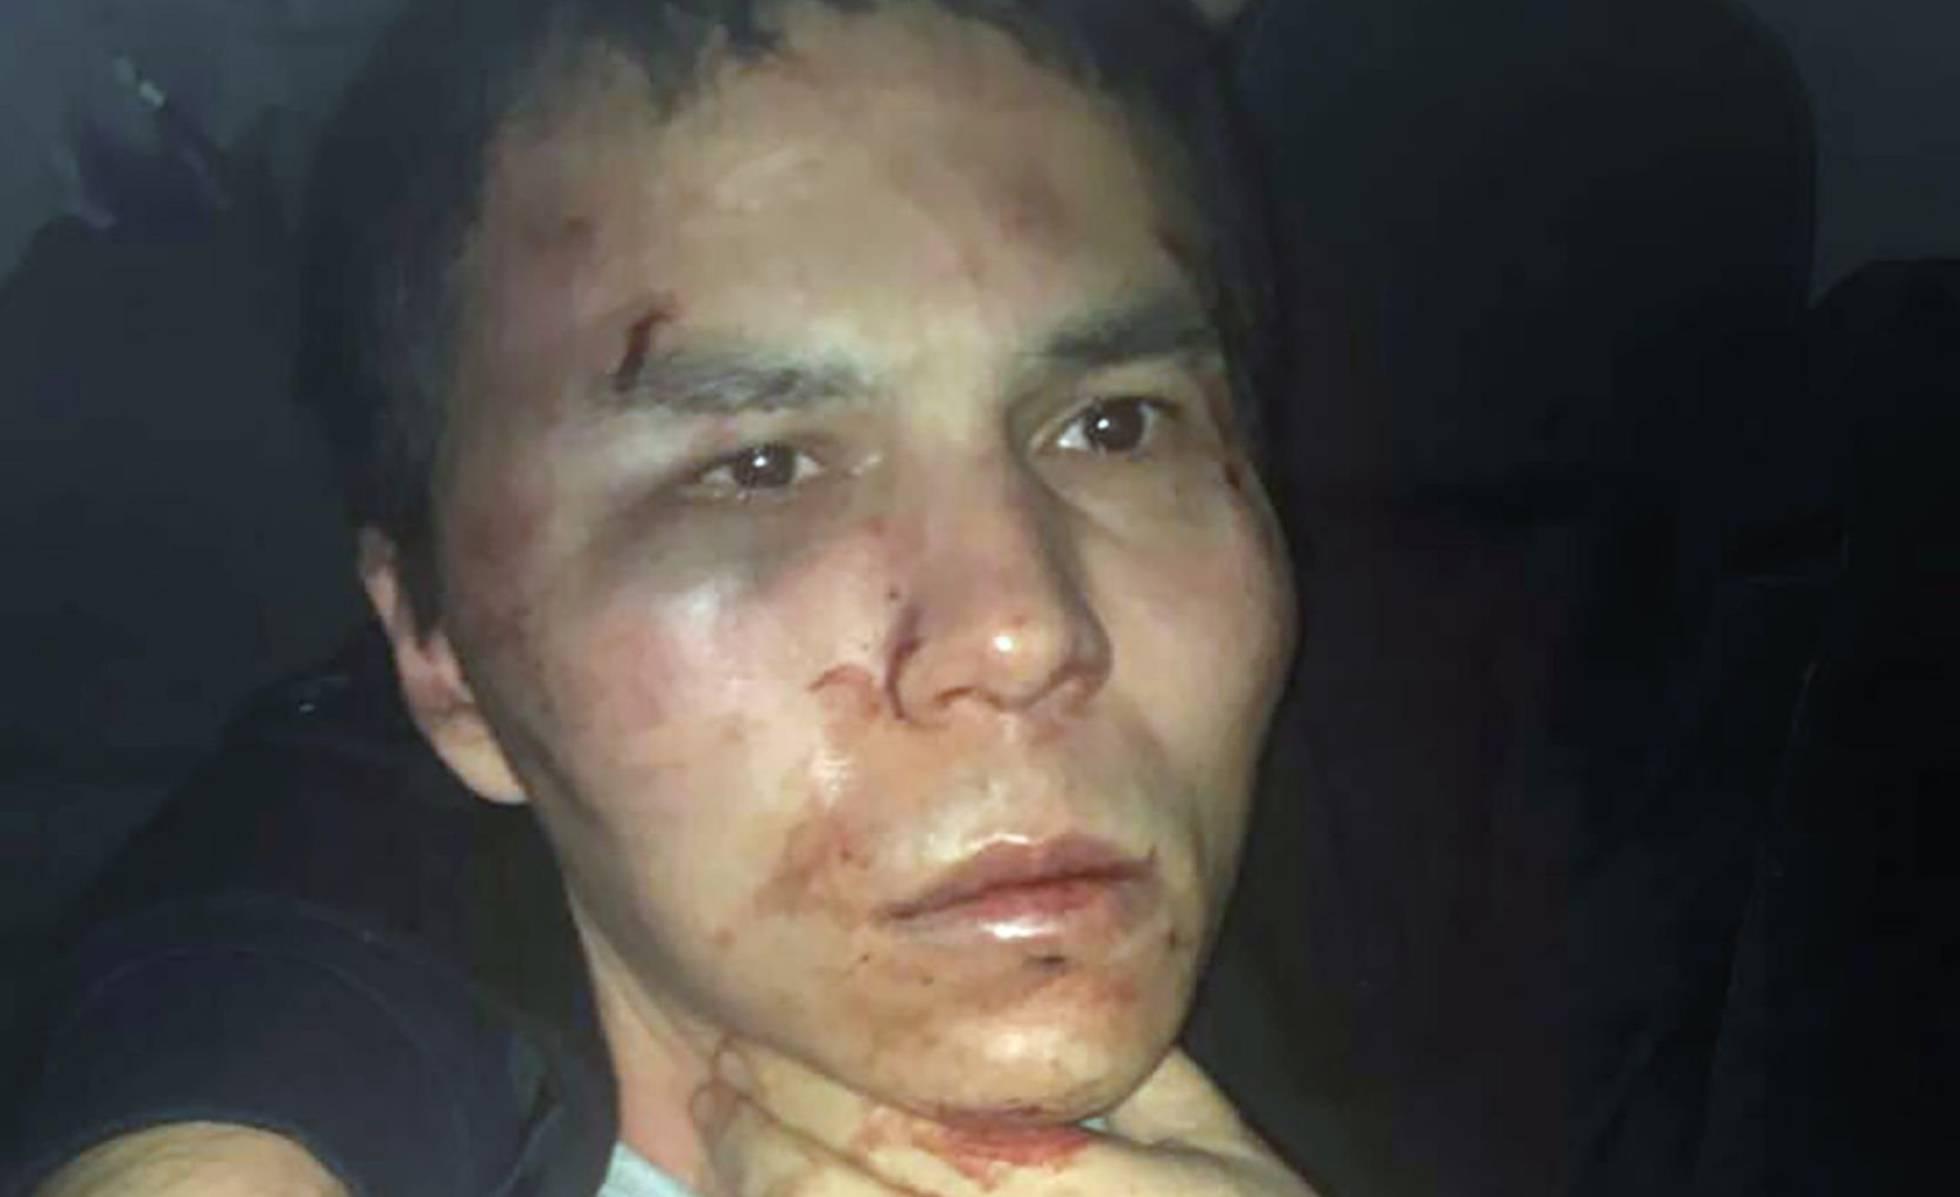 Turquía atrapa al terrorista que asesinó a 39 personas en una discoteca de Estambul